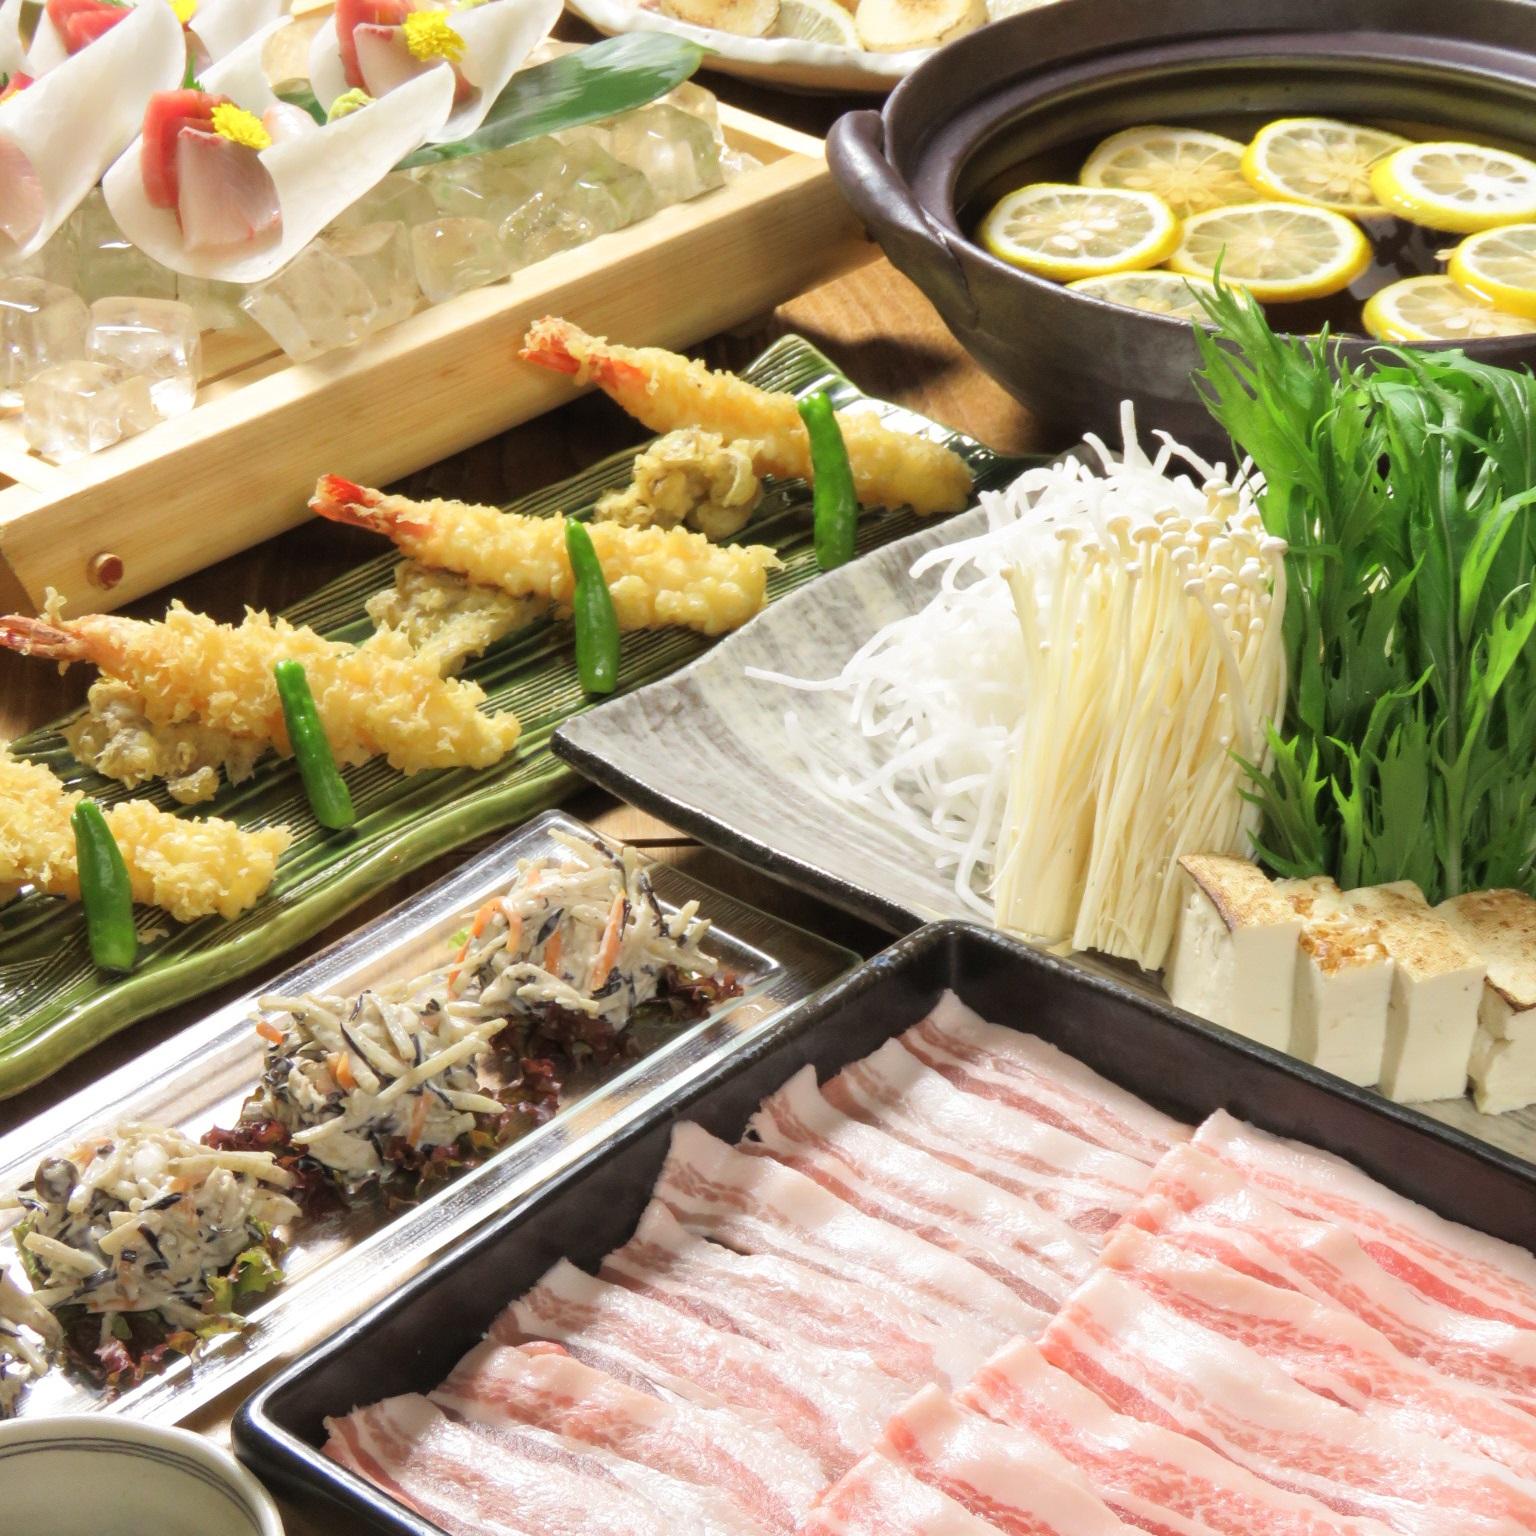 【ゆず香る】ゆず鍋☆黒豚しゃぶしゃぶコース飲み放題付き5500円